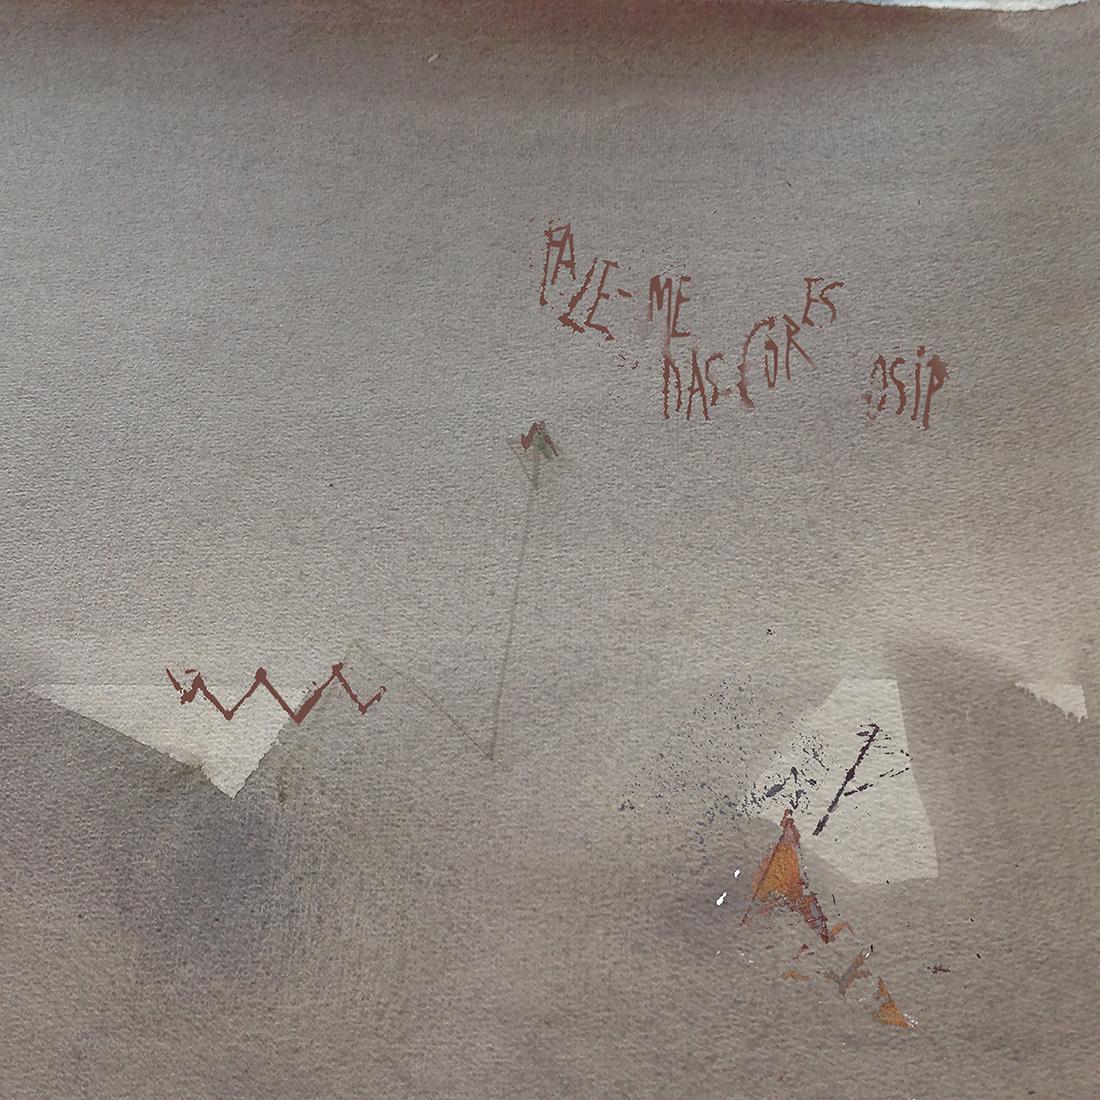 Lena Bergstein, fotografia da série Setembro,2017/2018 impressão em papel, 57 cm x 67 cm